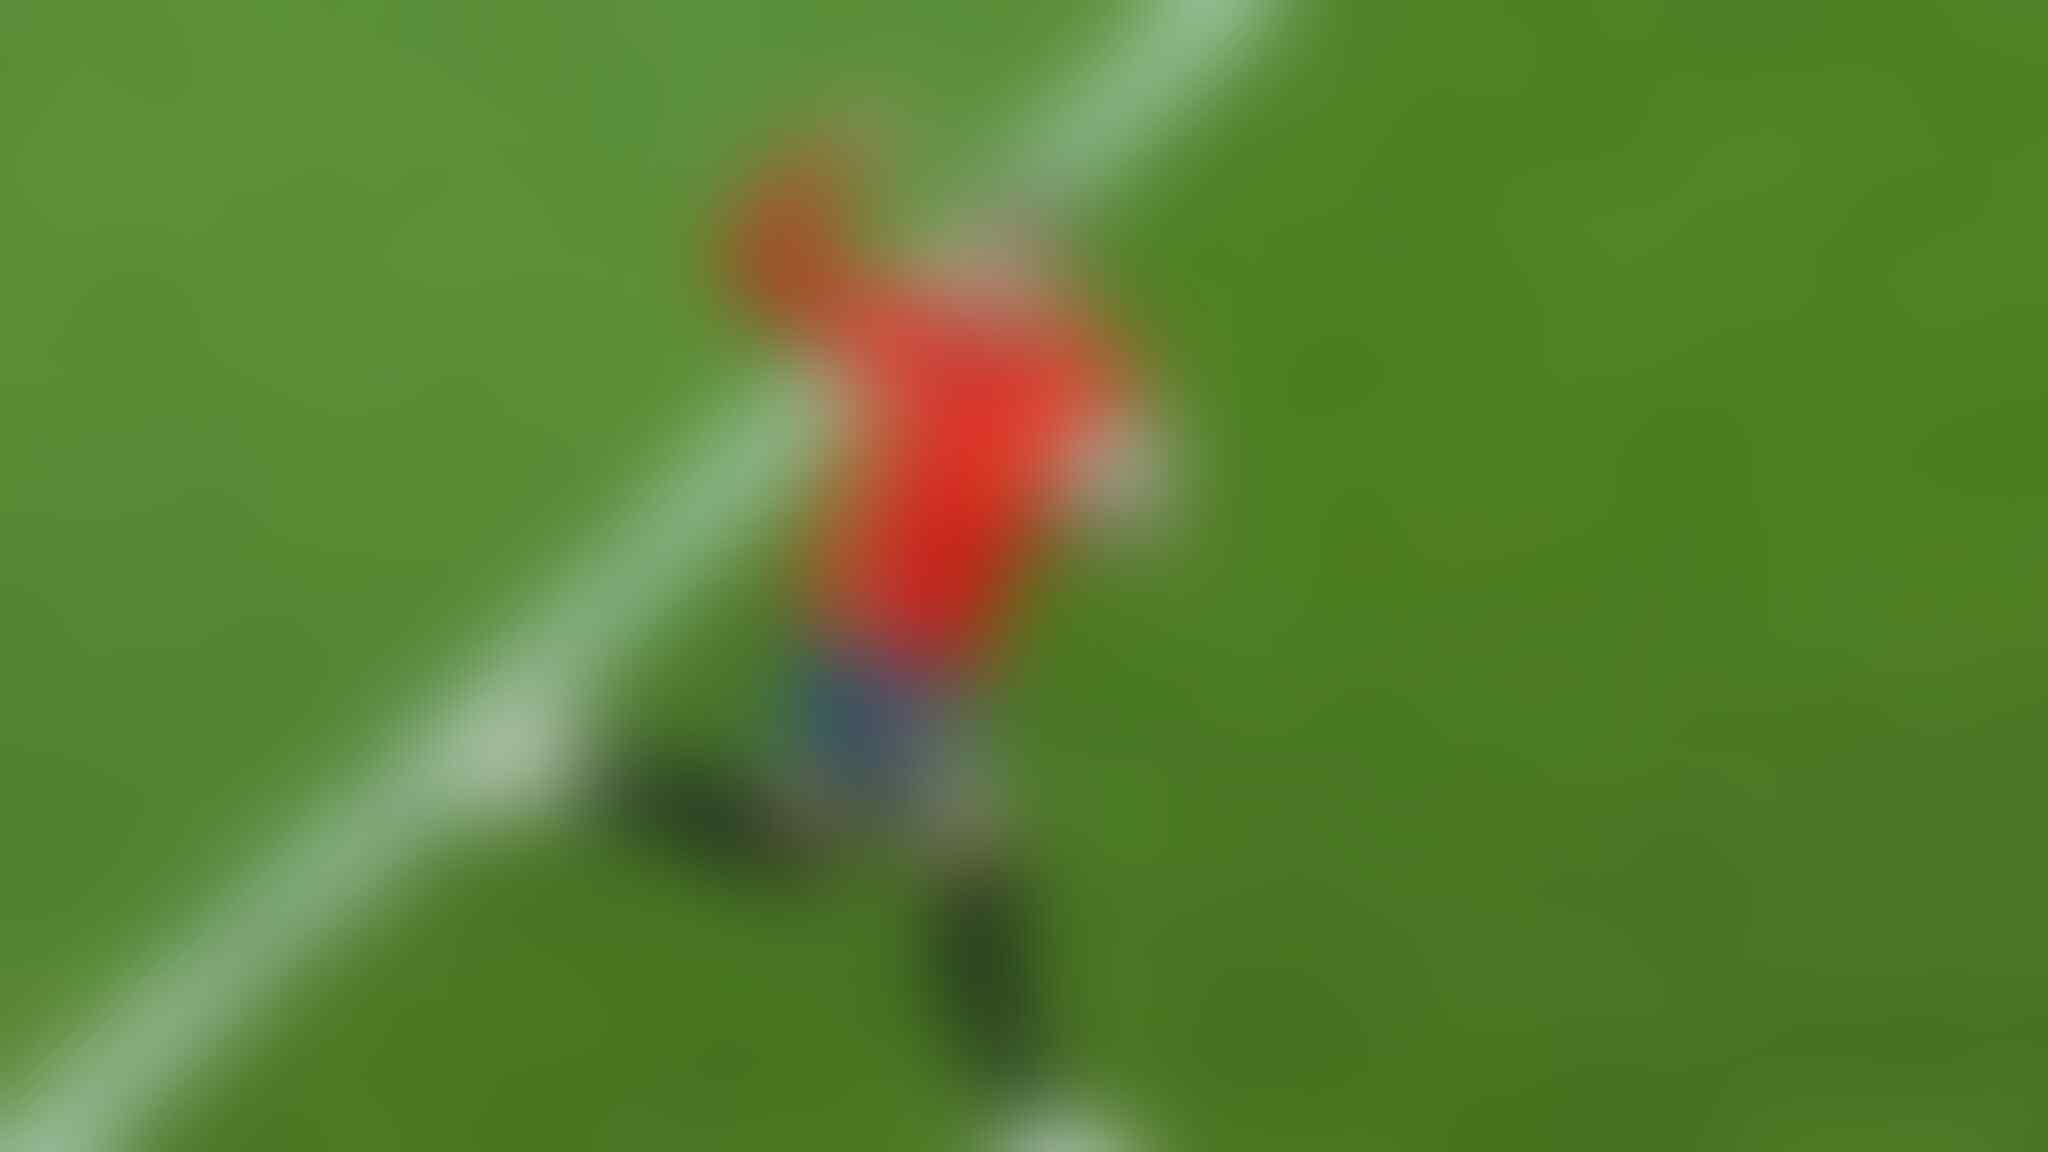 10 Gol Paling Dramatis di Piala Dunia 2018, Bikin Deg-degan